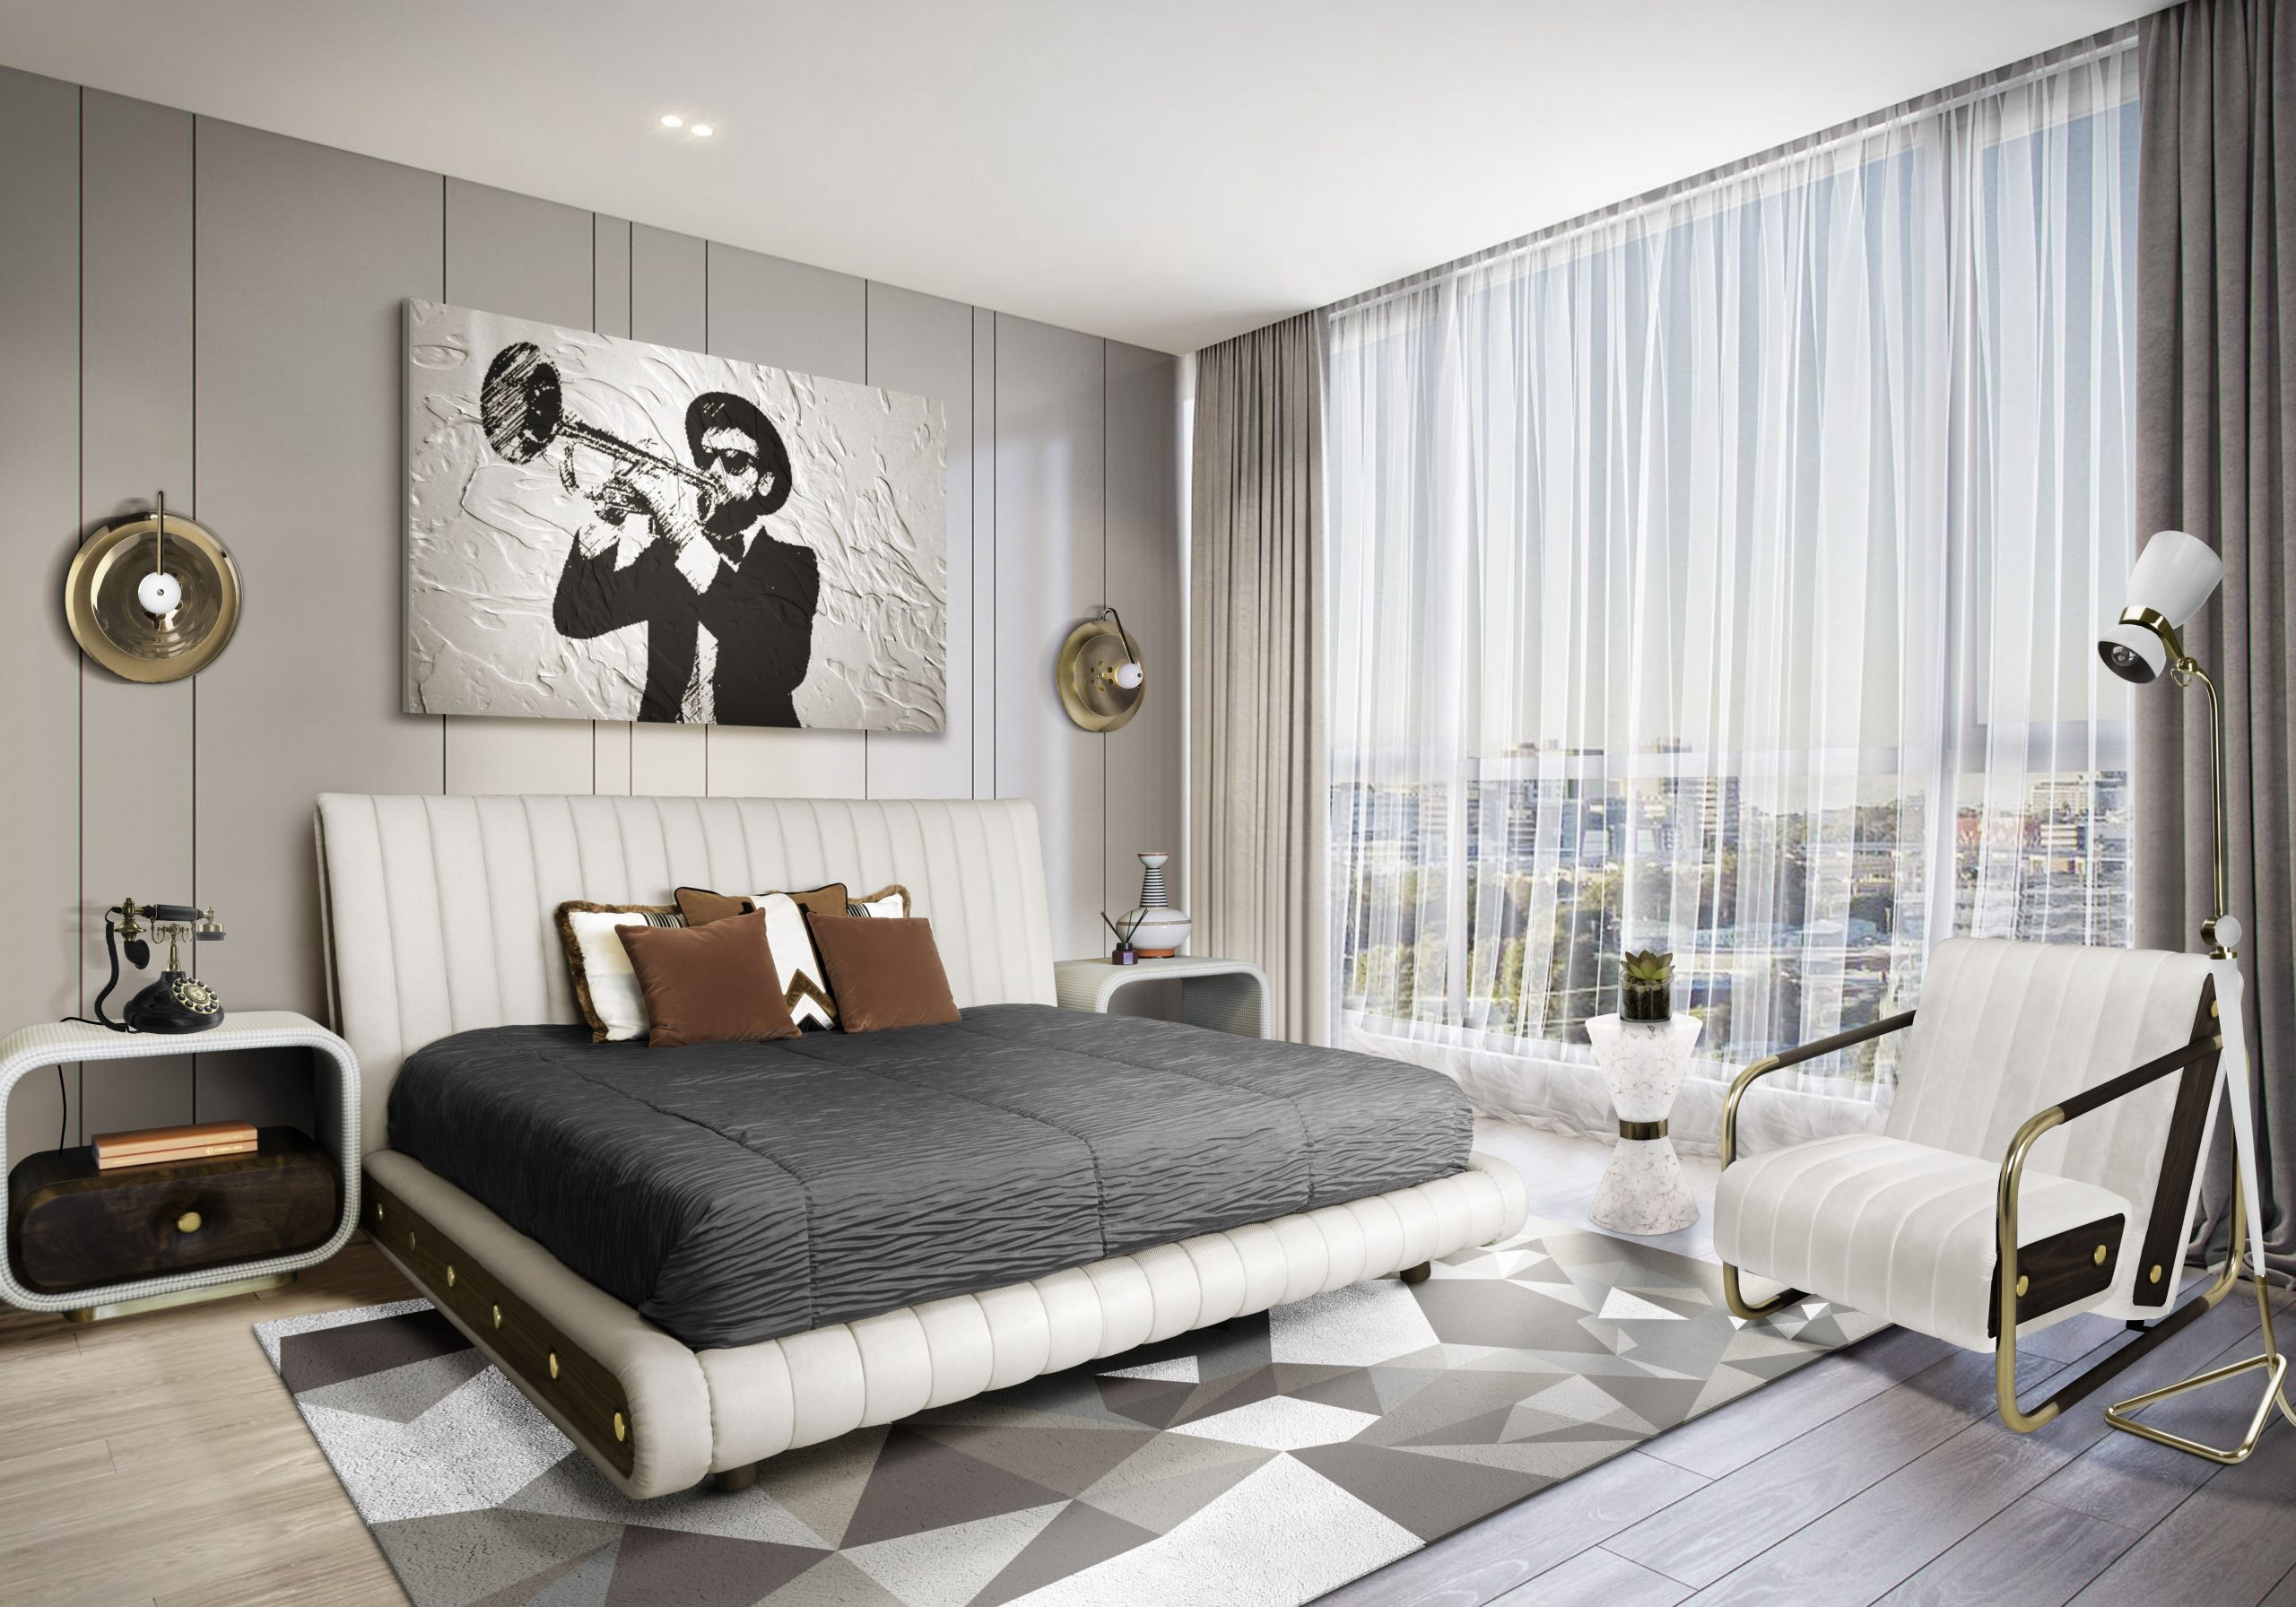 5 mid-century modern rug ideas - Mid-century bedroom With Diamond Rug